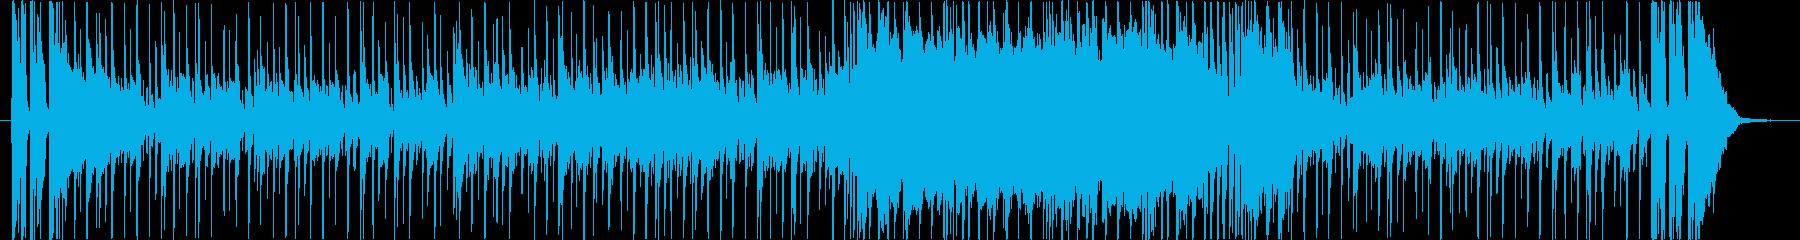 ファンキーな感触は、より活気のある...の再生済みの波形